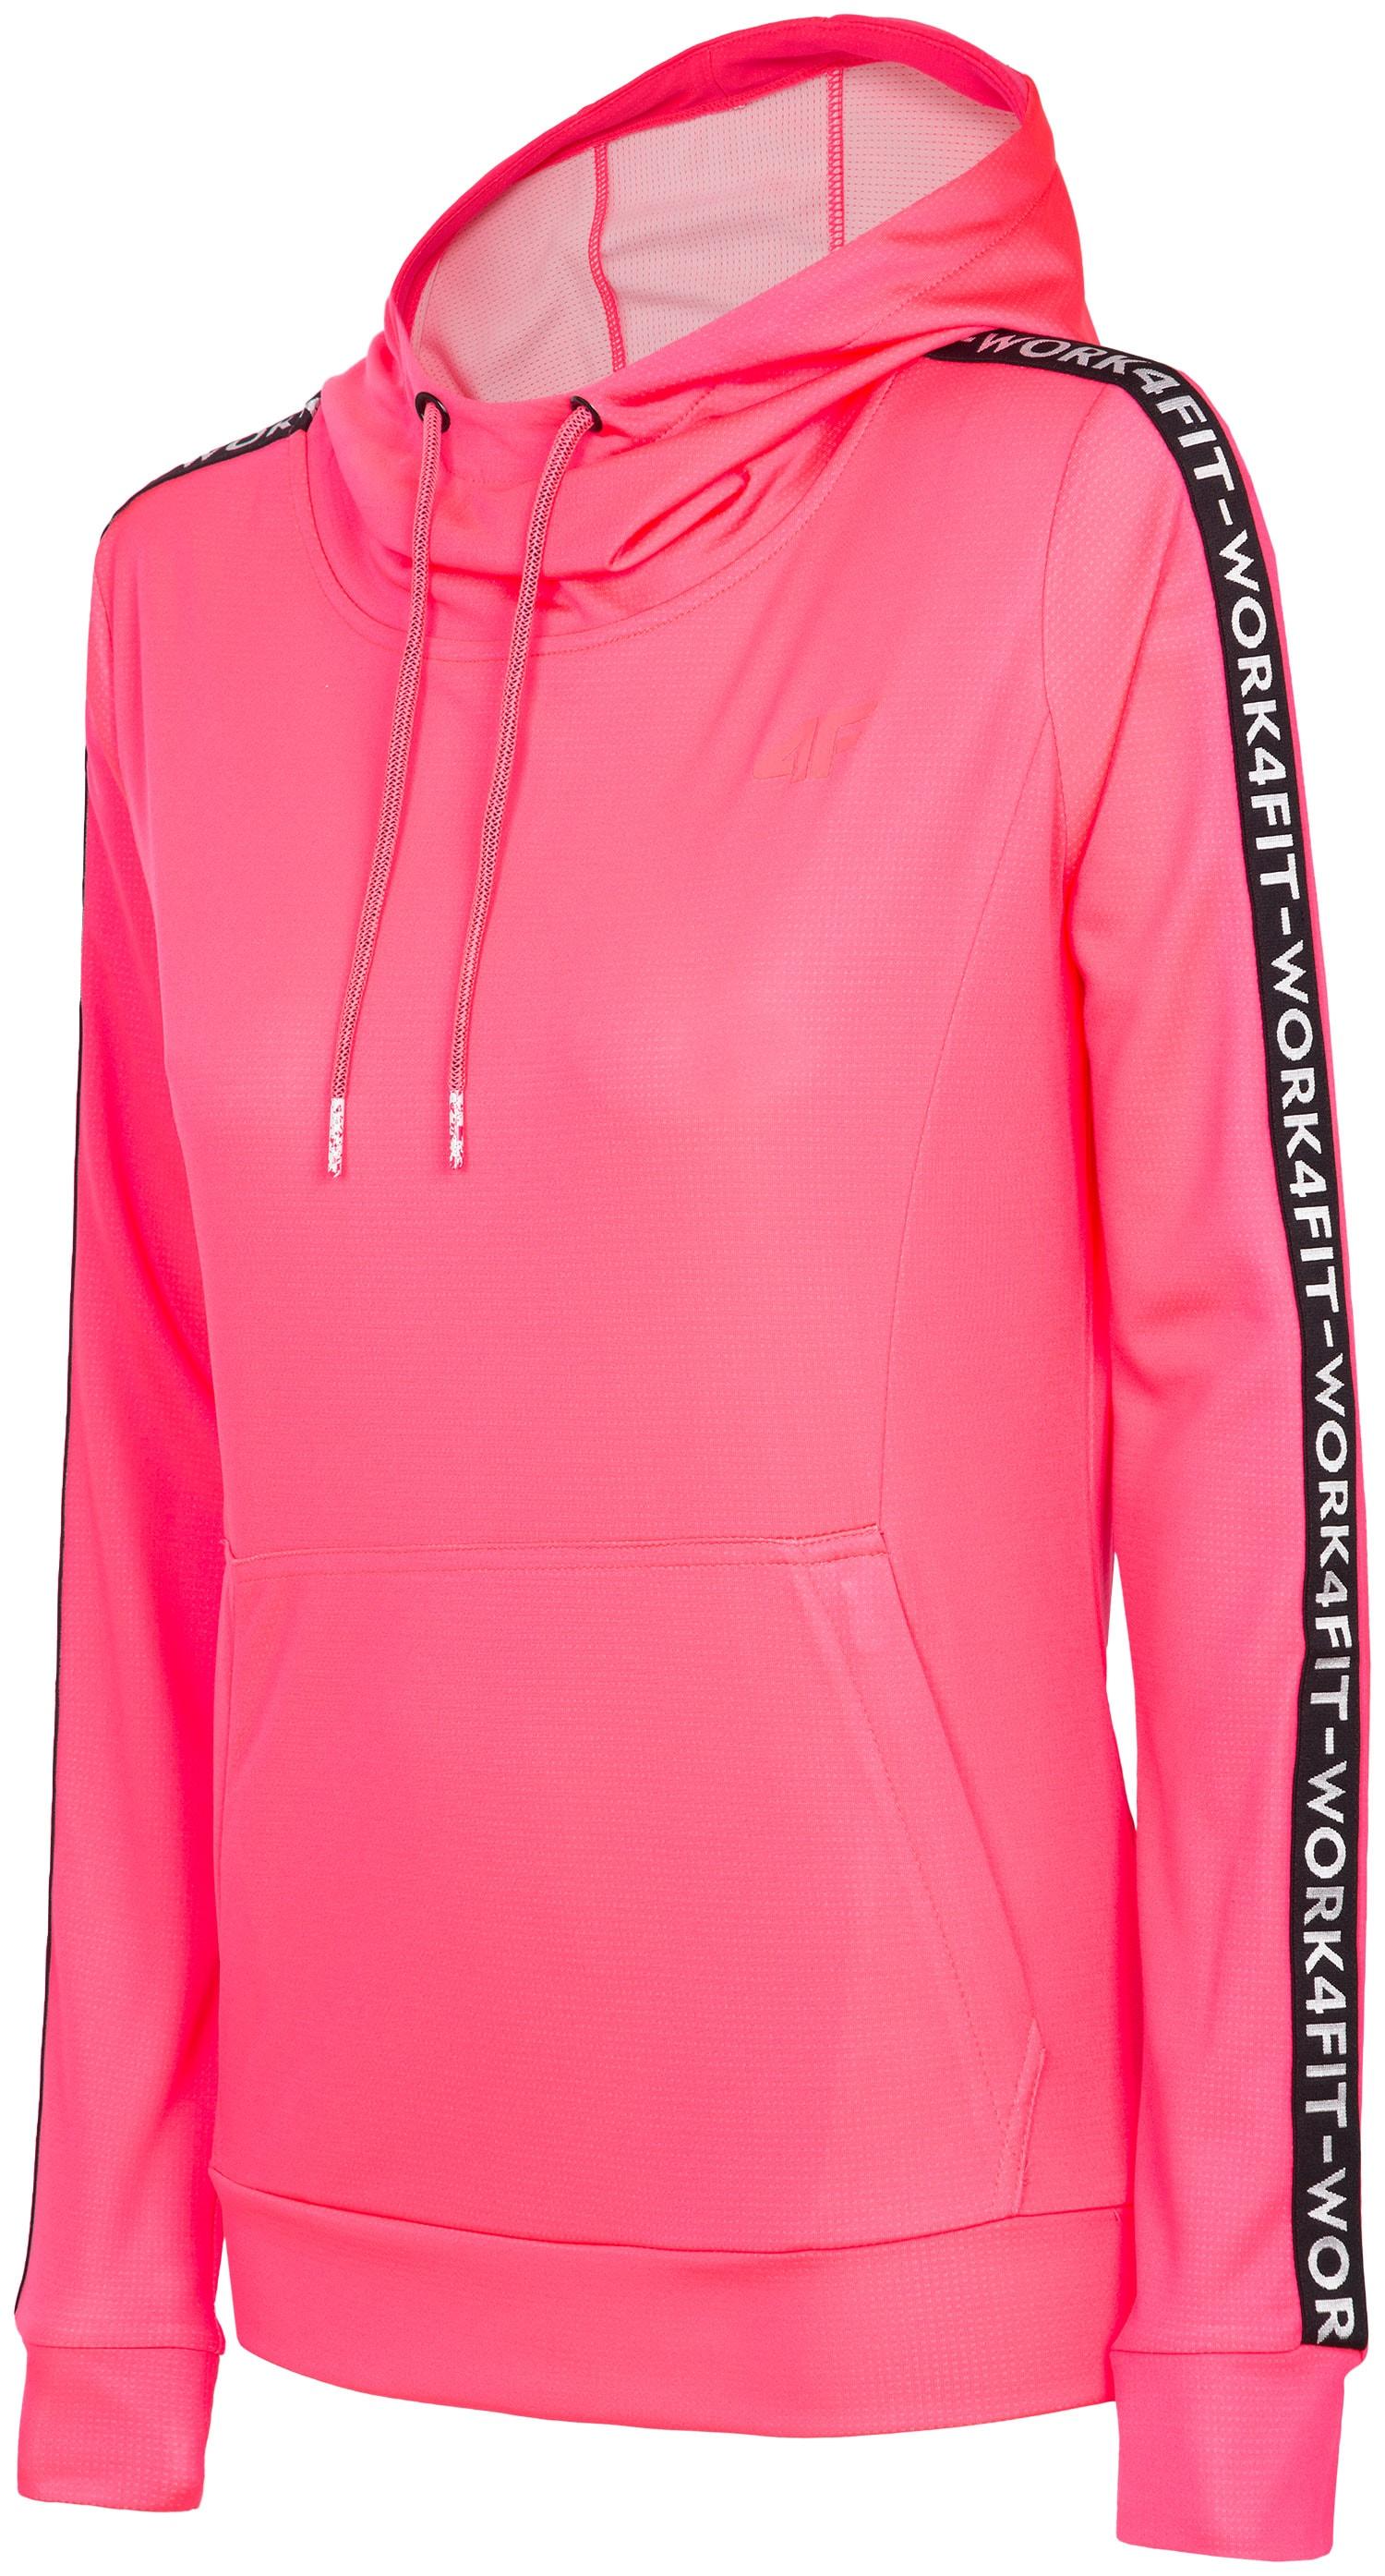 Bluza treningowa damska BLDF201 - koral neon